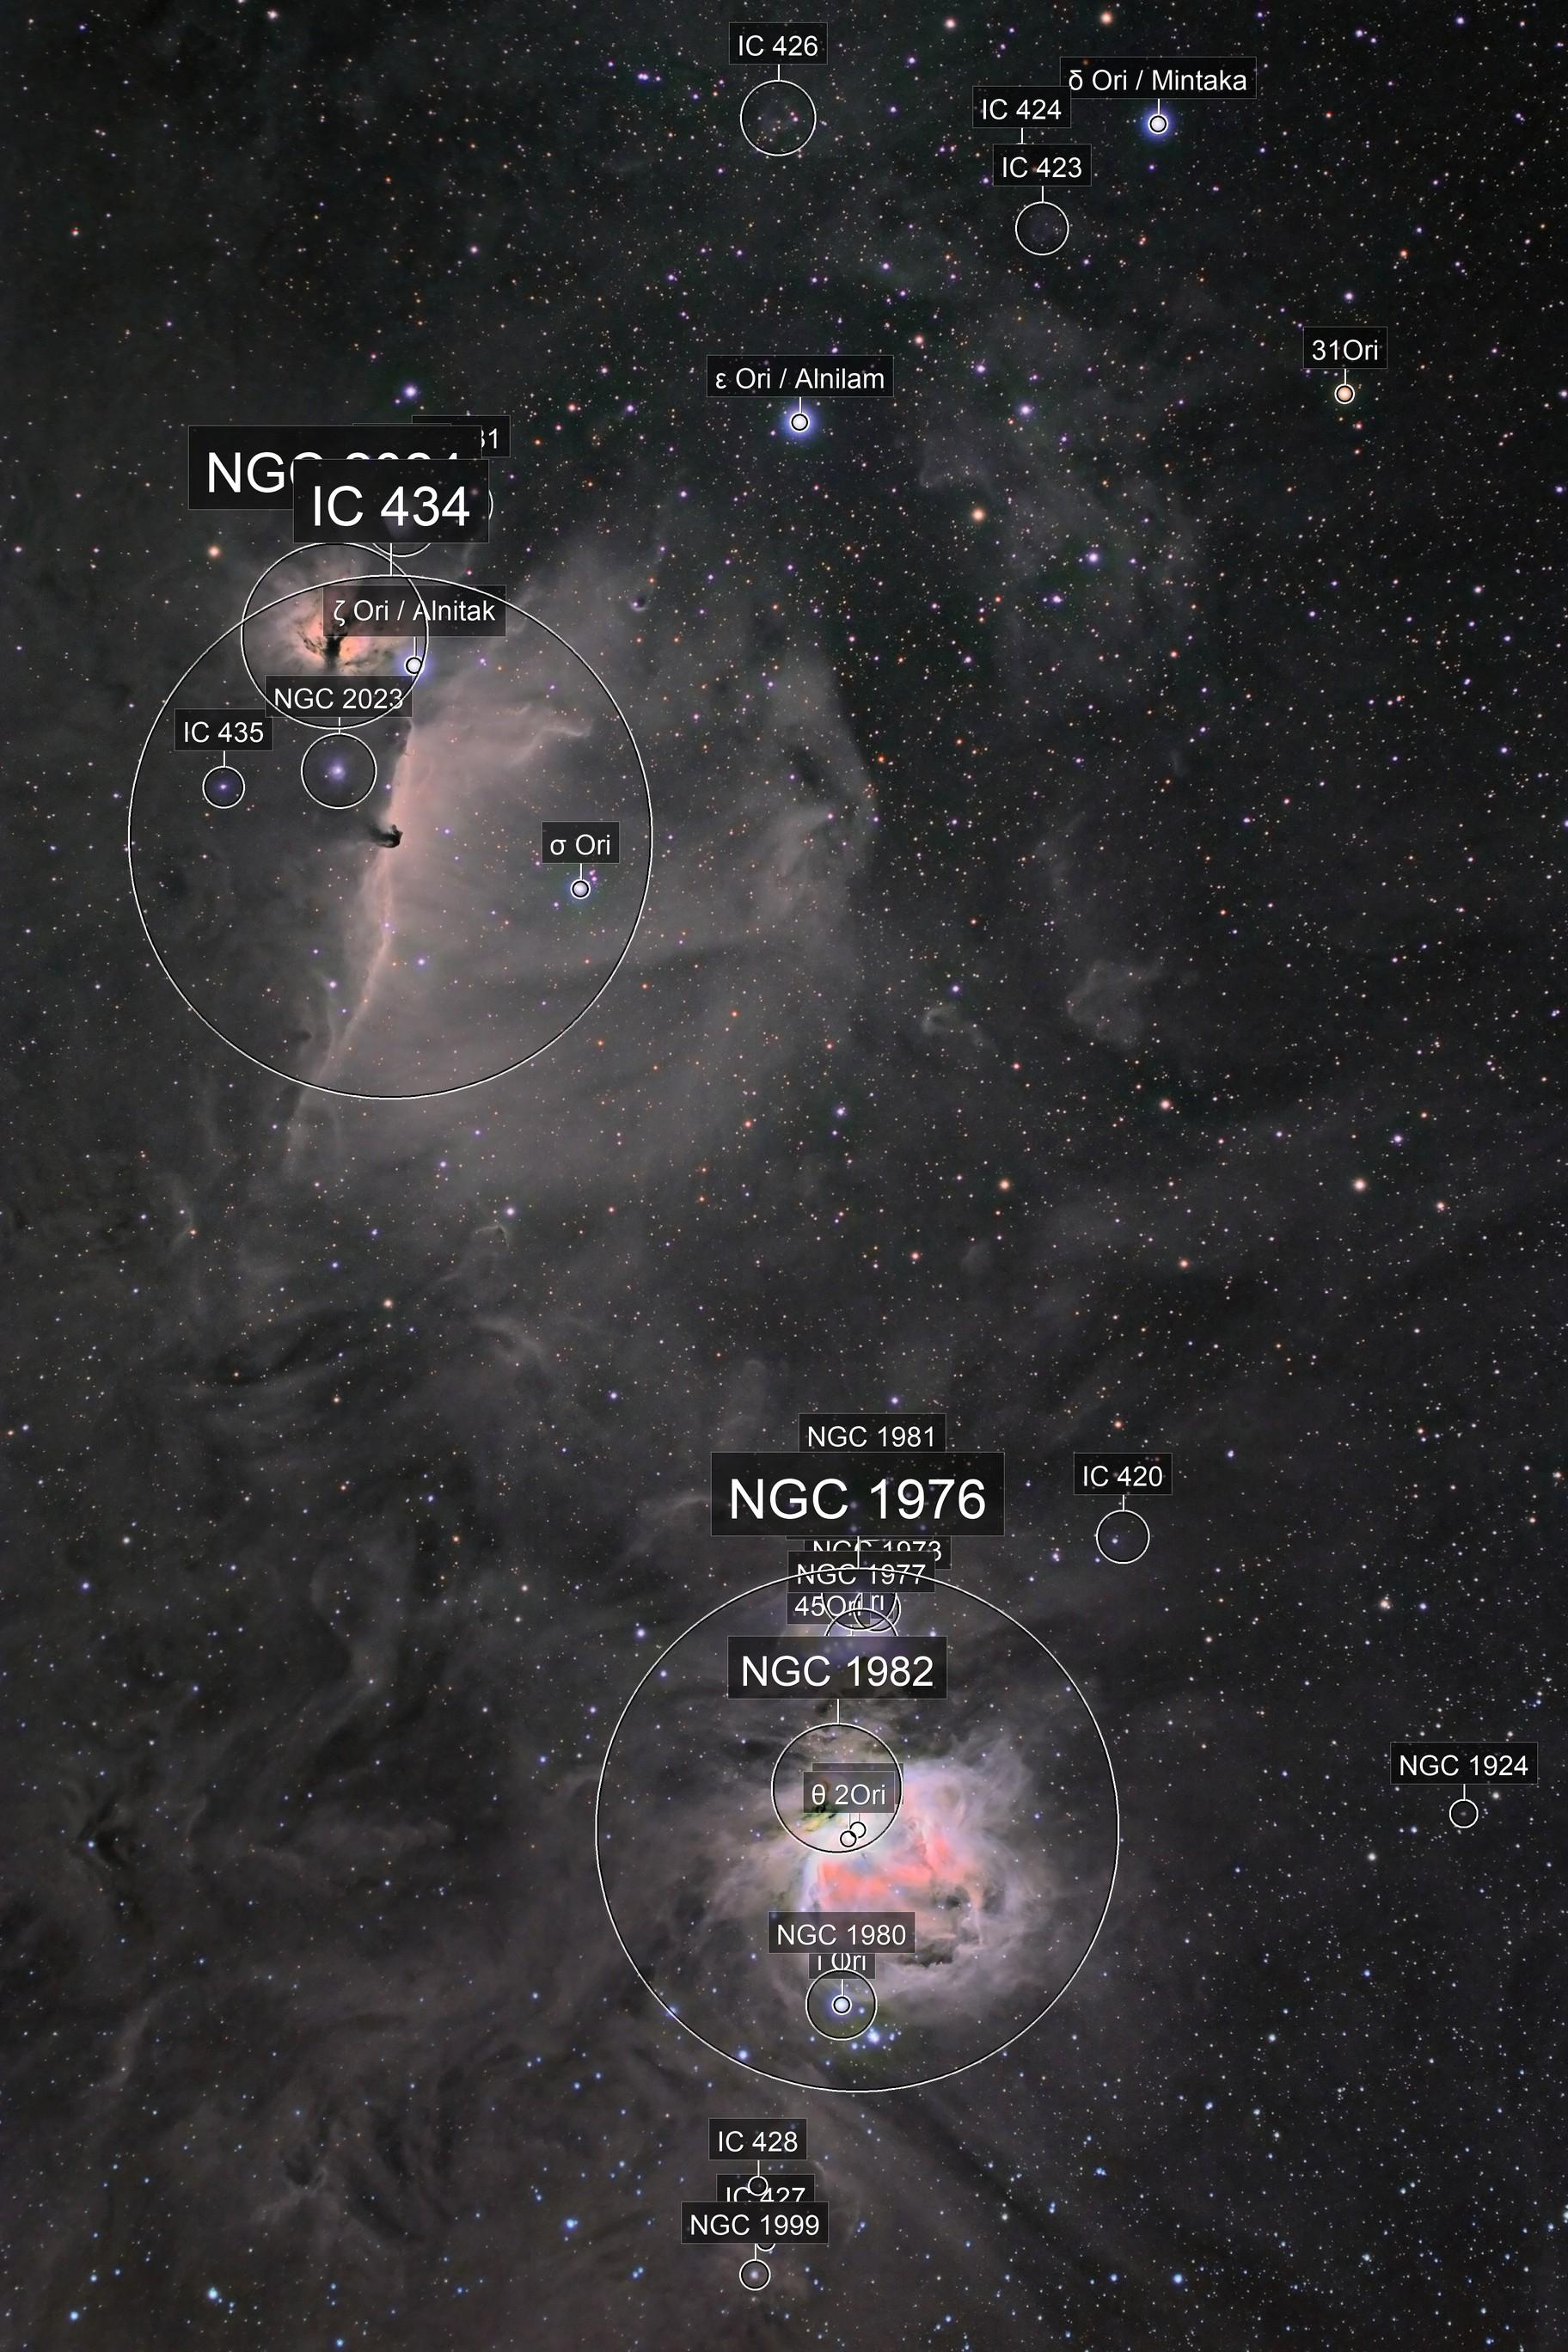 Below Orion's Belt